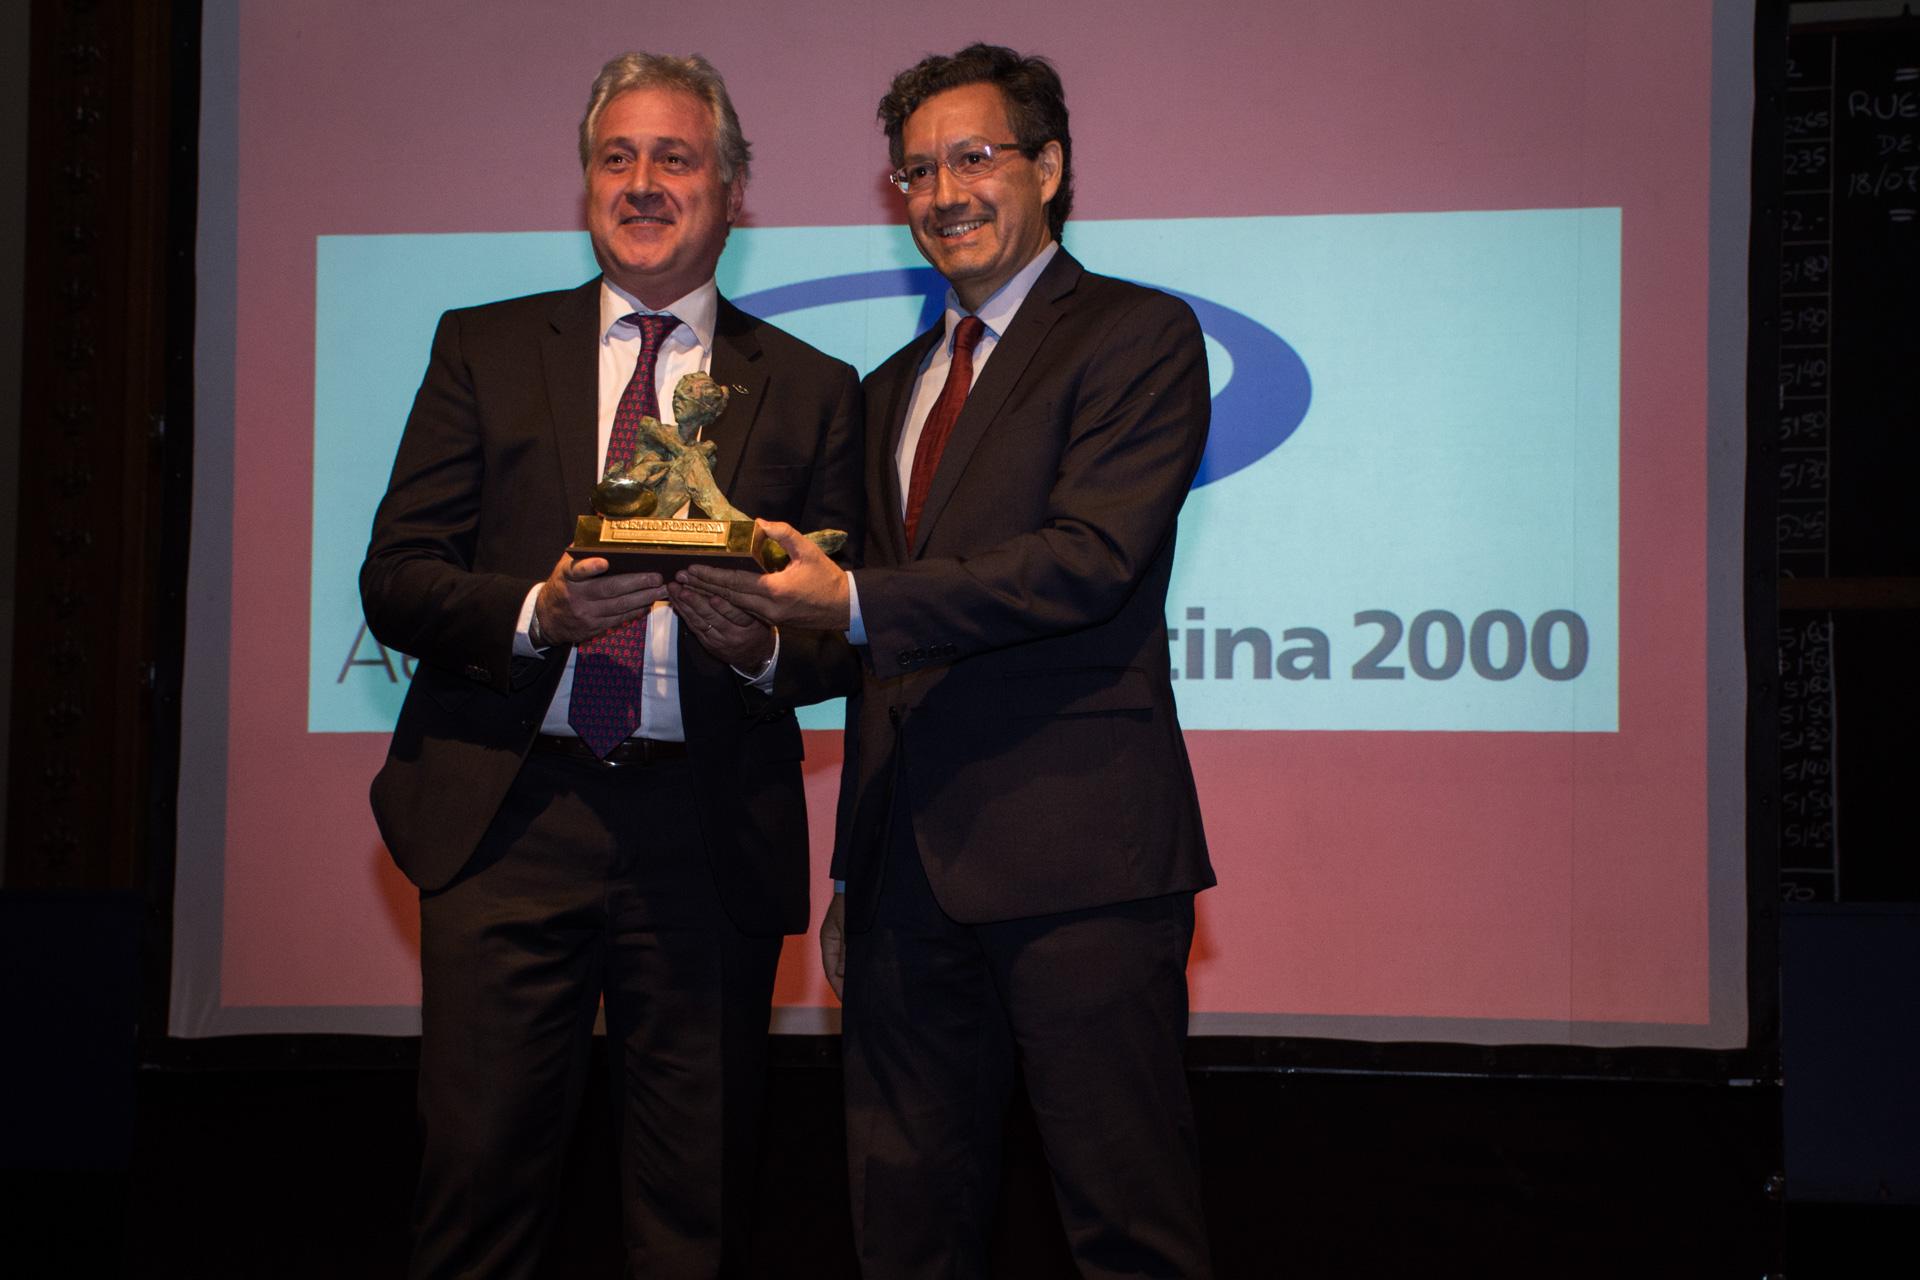 El premio a la Mejor Empresa de Logística y Transporte lo recibió Aeropuertos Argentina 2000 en manos de su CEO, Matías Patanian. El galardón fue entregado por Ceferino Reato